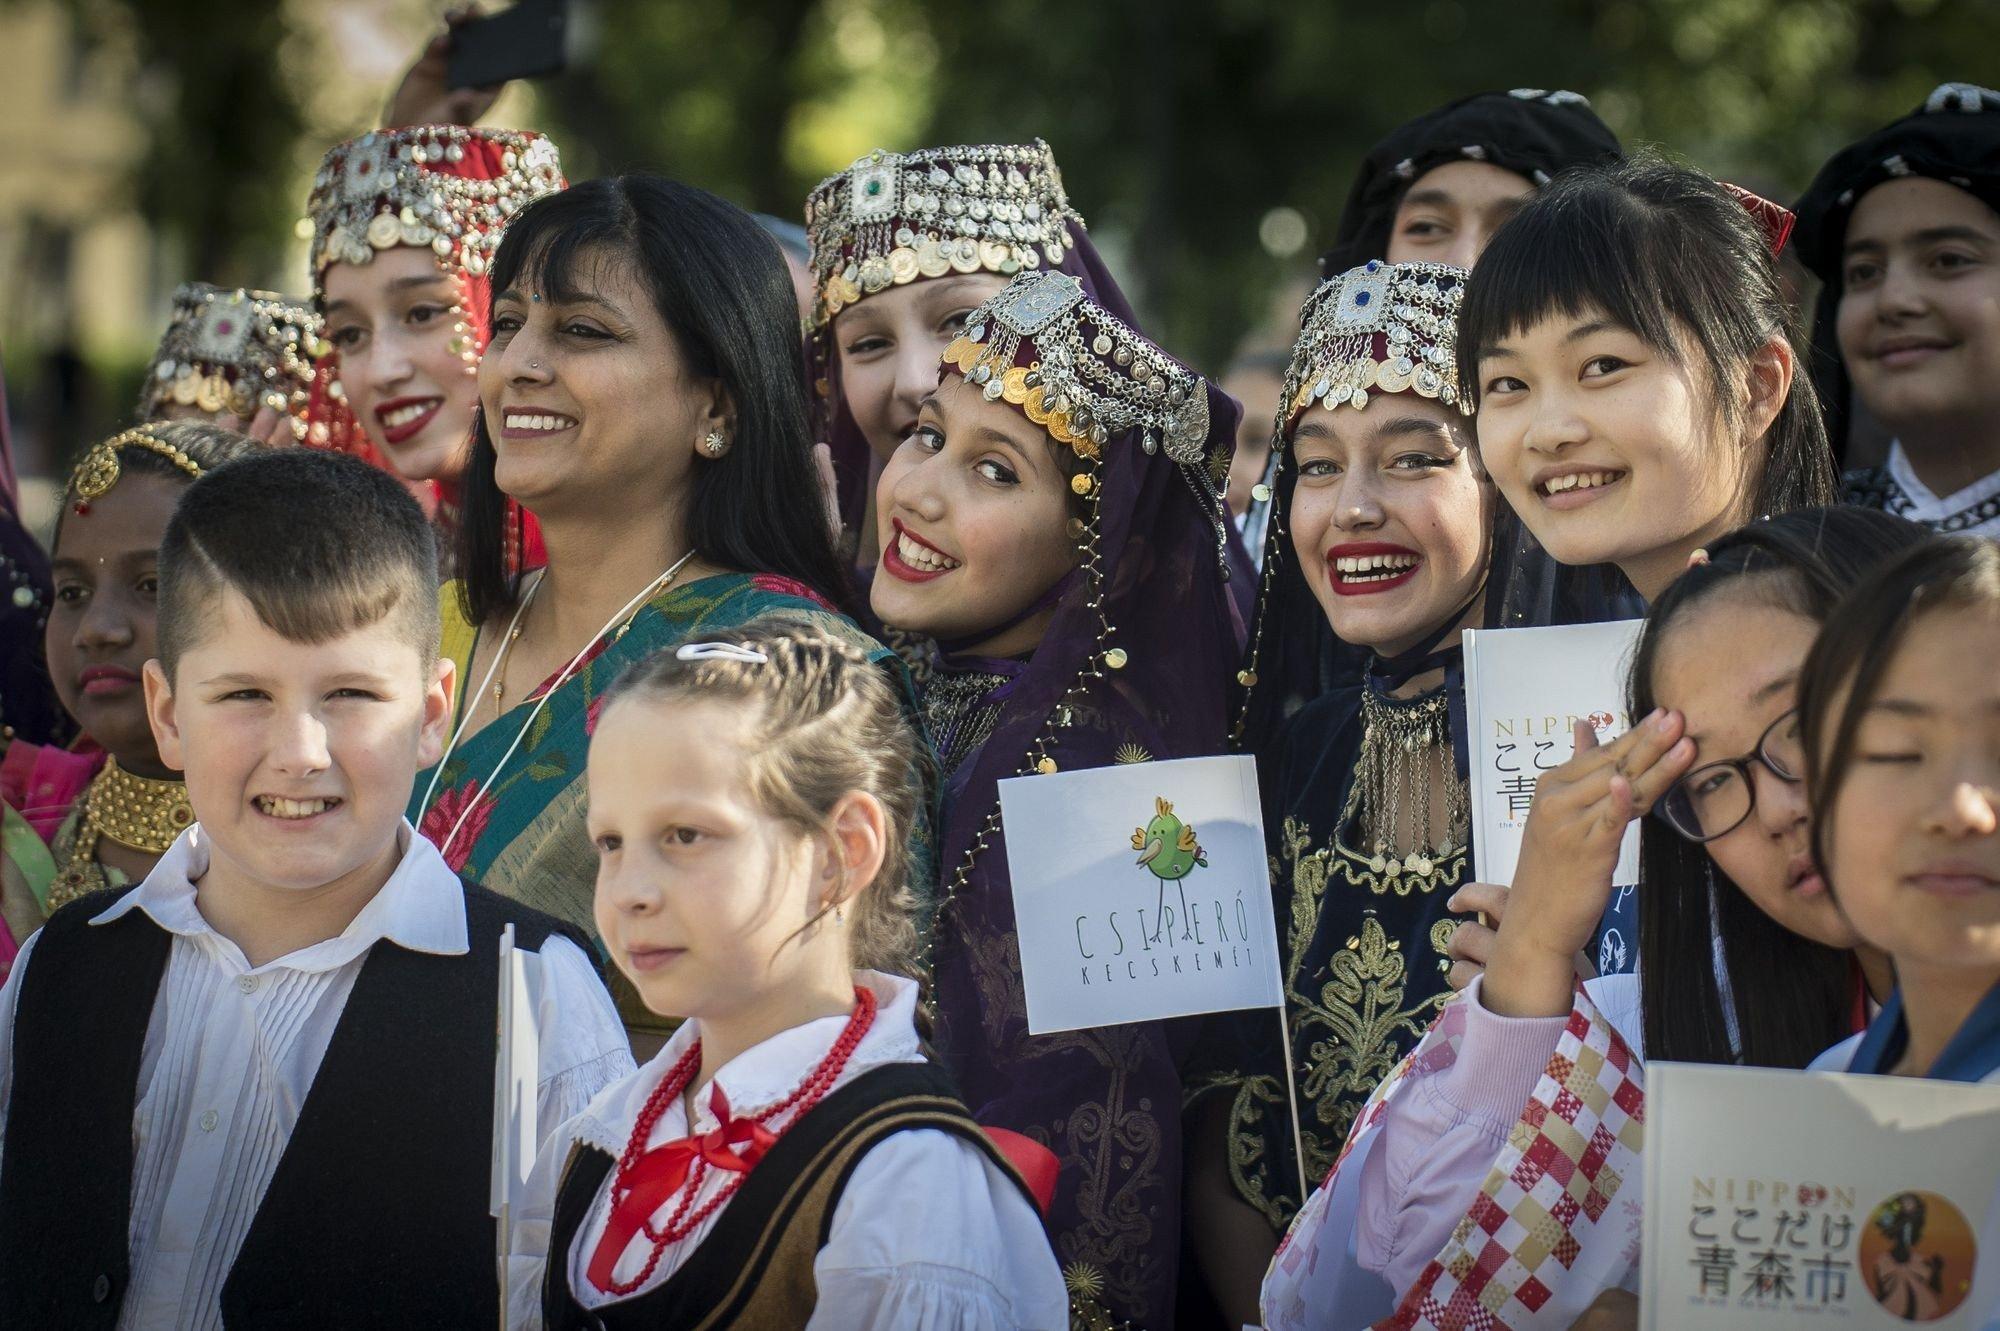 Megkezdődött a Csiperó Fesztivál Kecskeméten